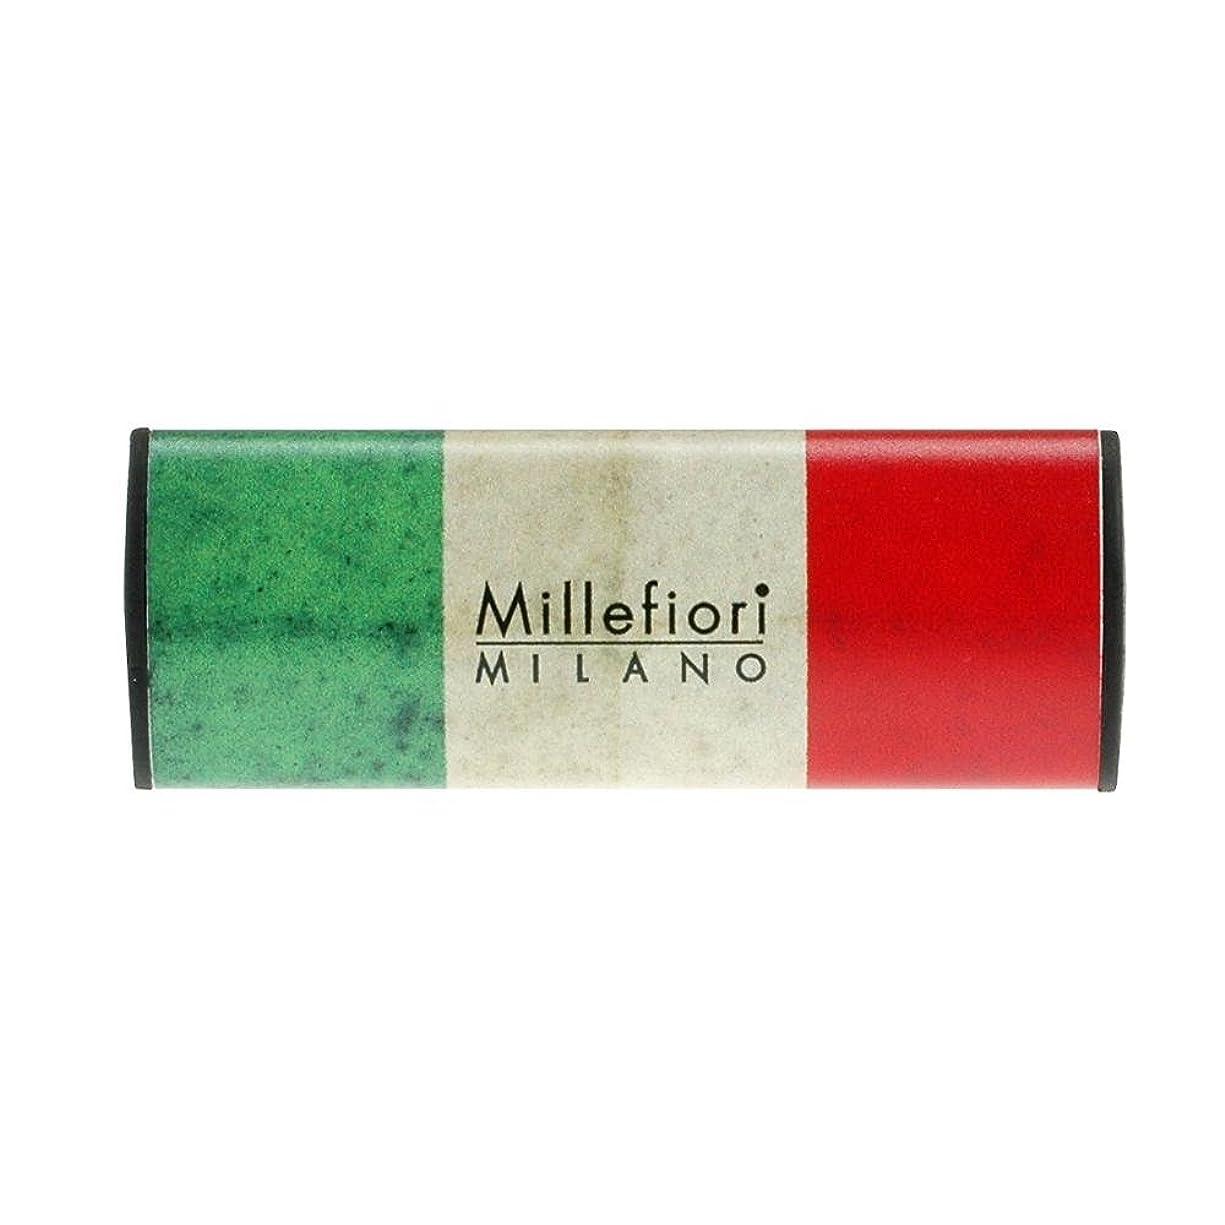 ナビゲーション貸す膨張するMillefiori カーエアフレッシュナー FLAG グレープフルーツ CDIF-G-004